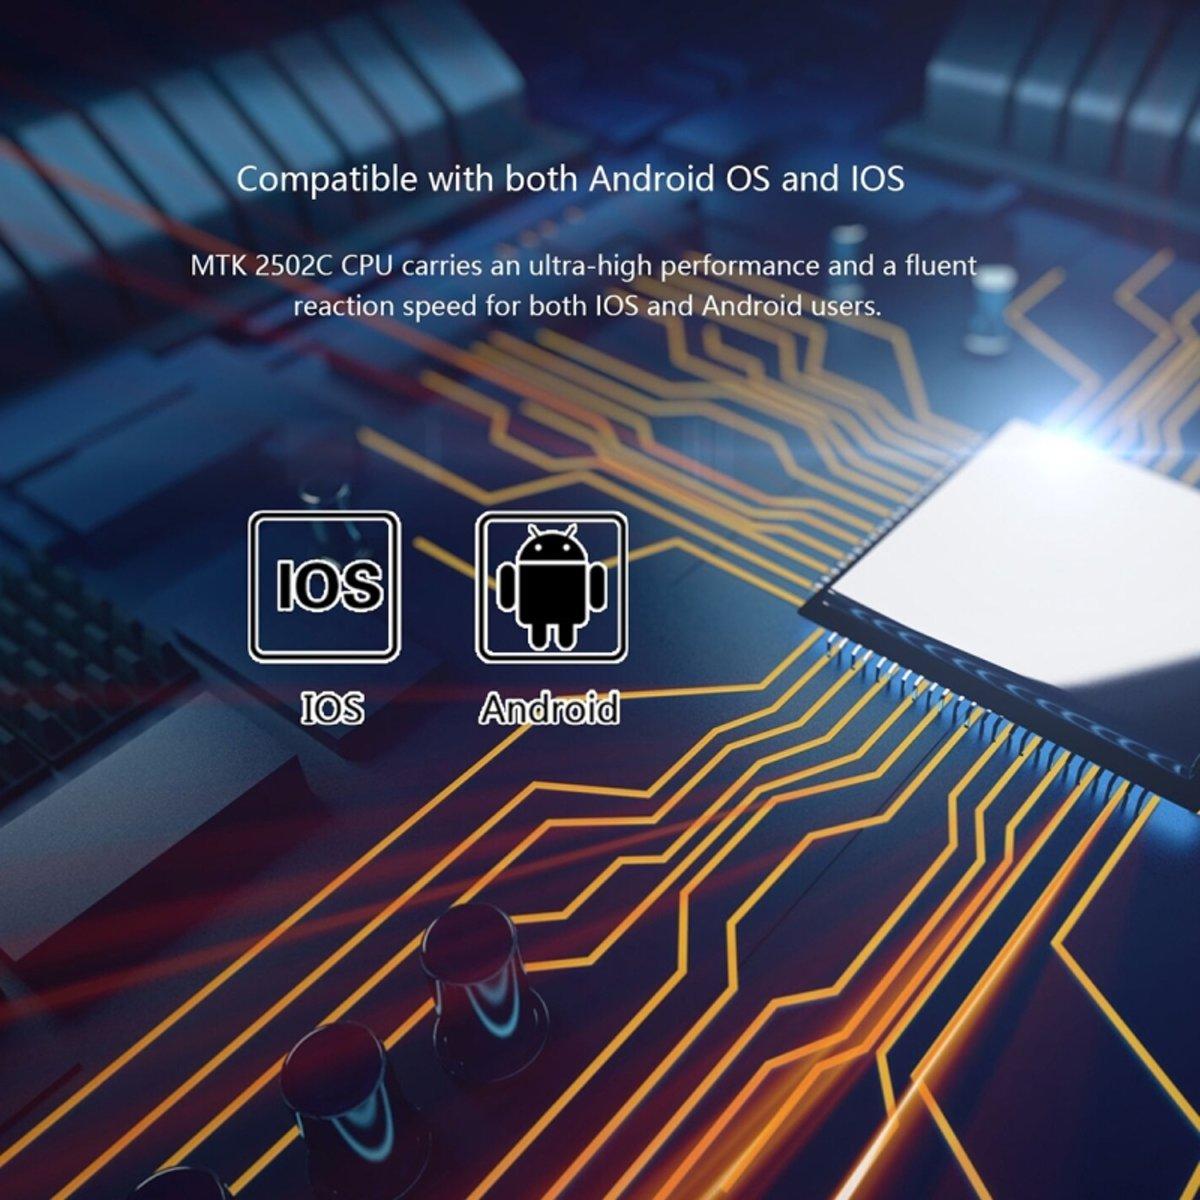 KW28 1.3 inch scherm Display Bluetooth Smart Watch  steun stappenteller / Heart Rate Monitor / slapen Monitor / sedentaire herinnering  compatibel met Android en iOS telefoons (bruin) kopen